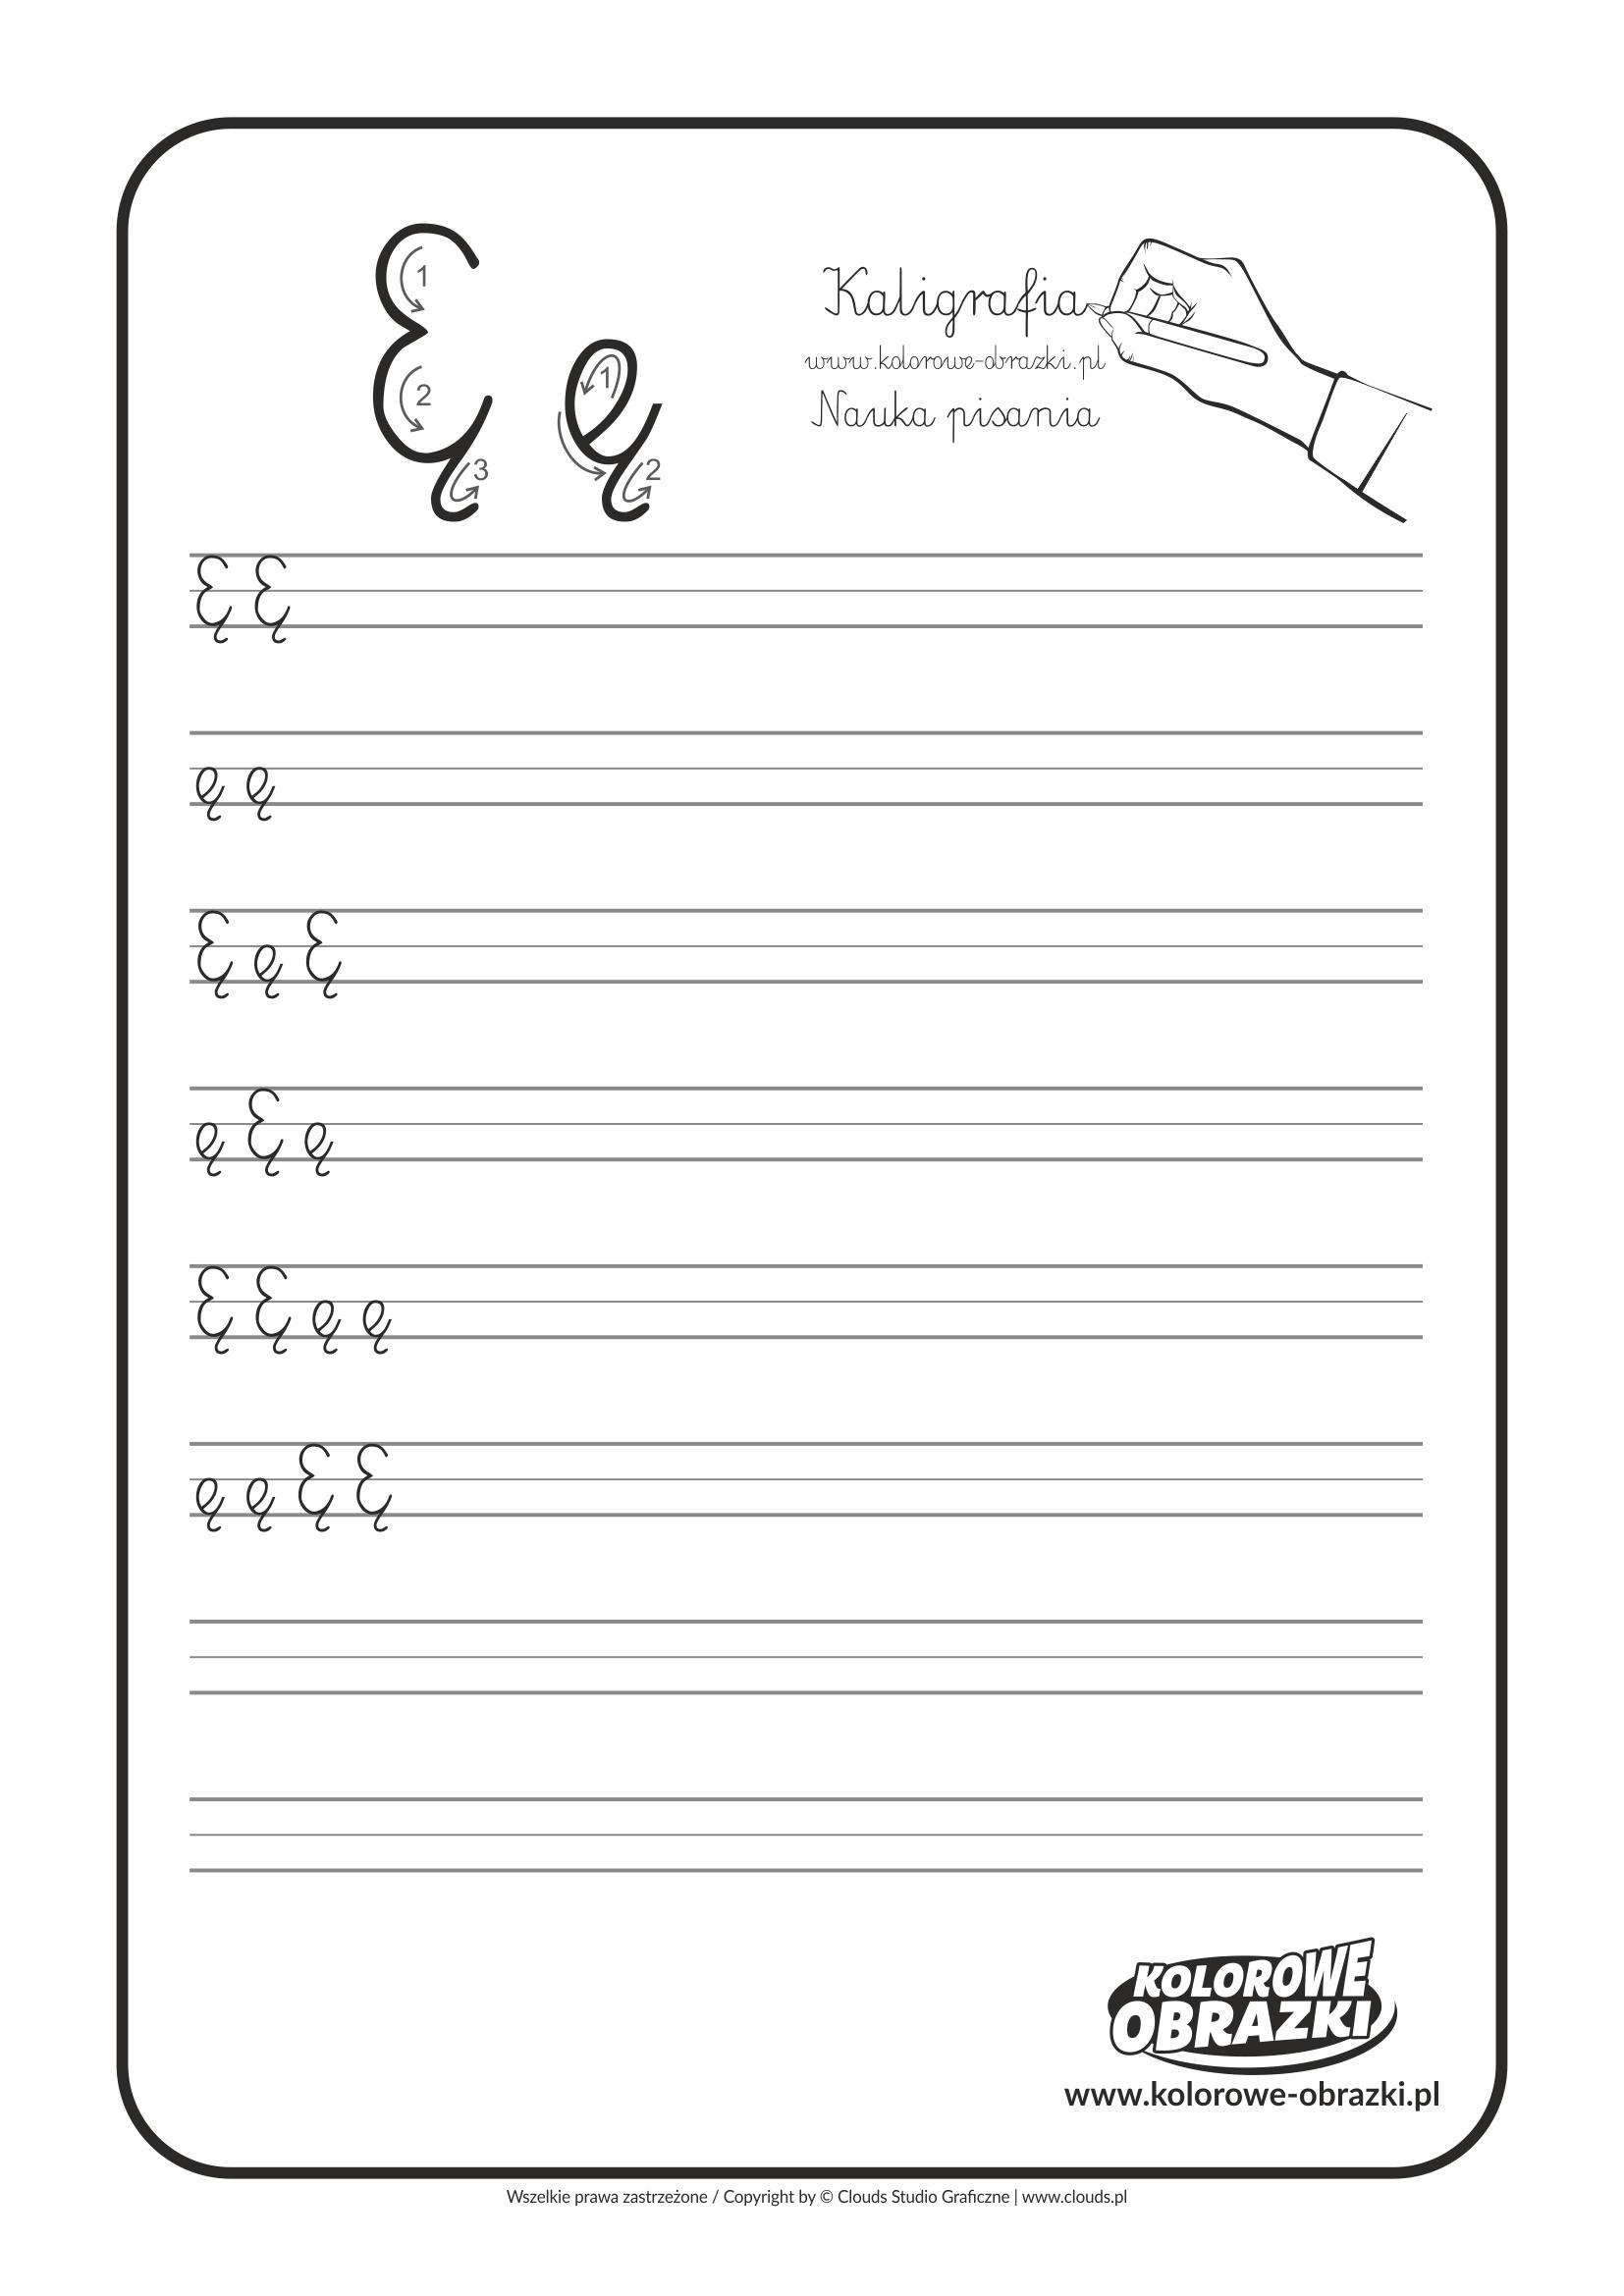 Kaligrafia dla dzieci - Ćwiczenia kaligraficzne / Litera Ę. Nauka pisania litery Ę